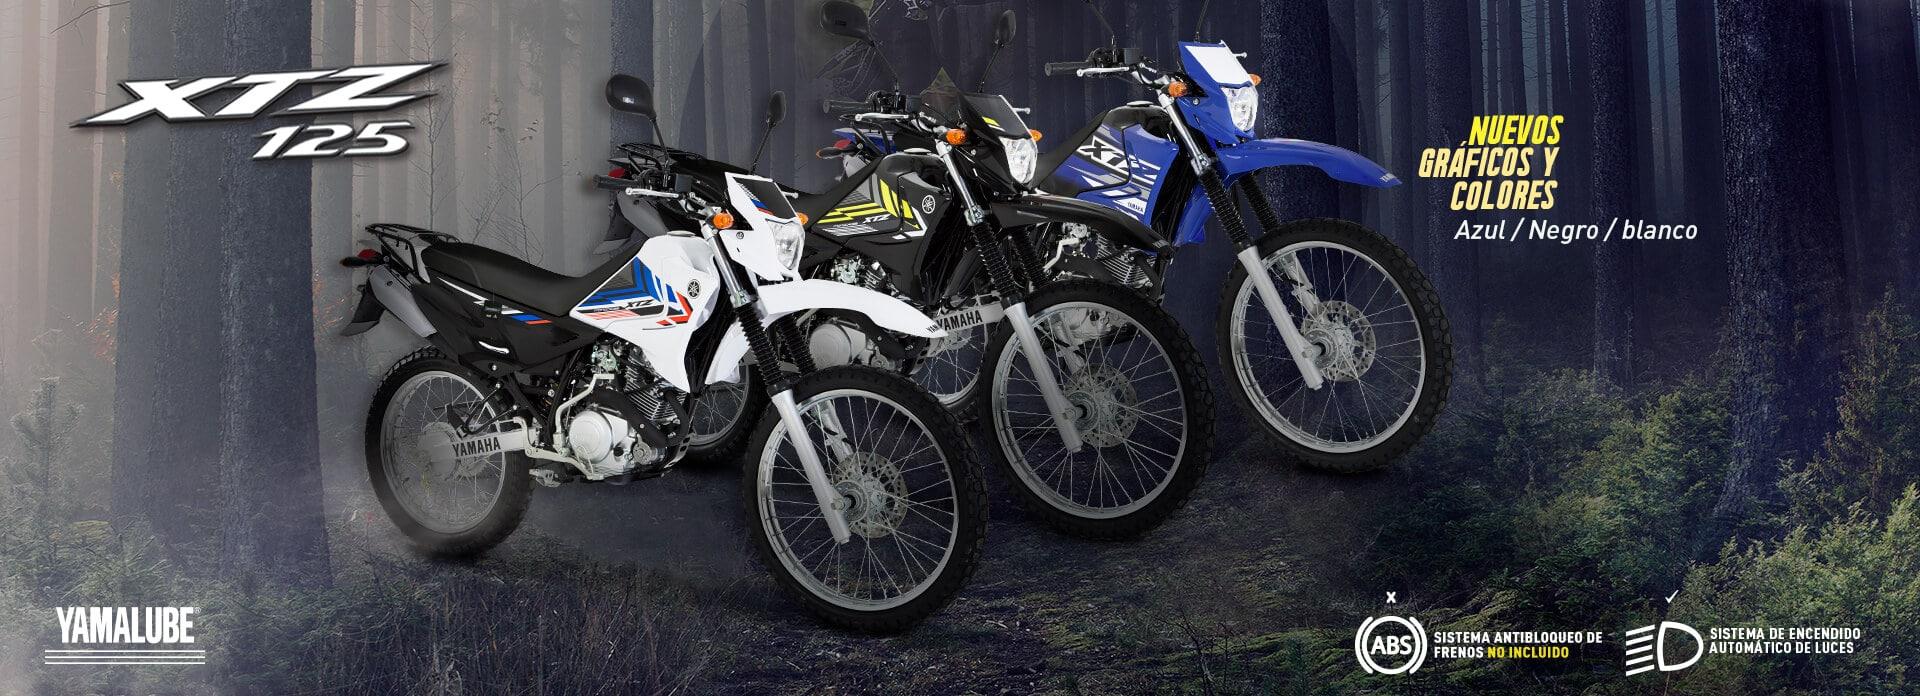 Colores y especificaciones Yamaha XTZ 125